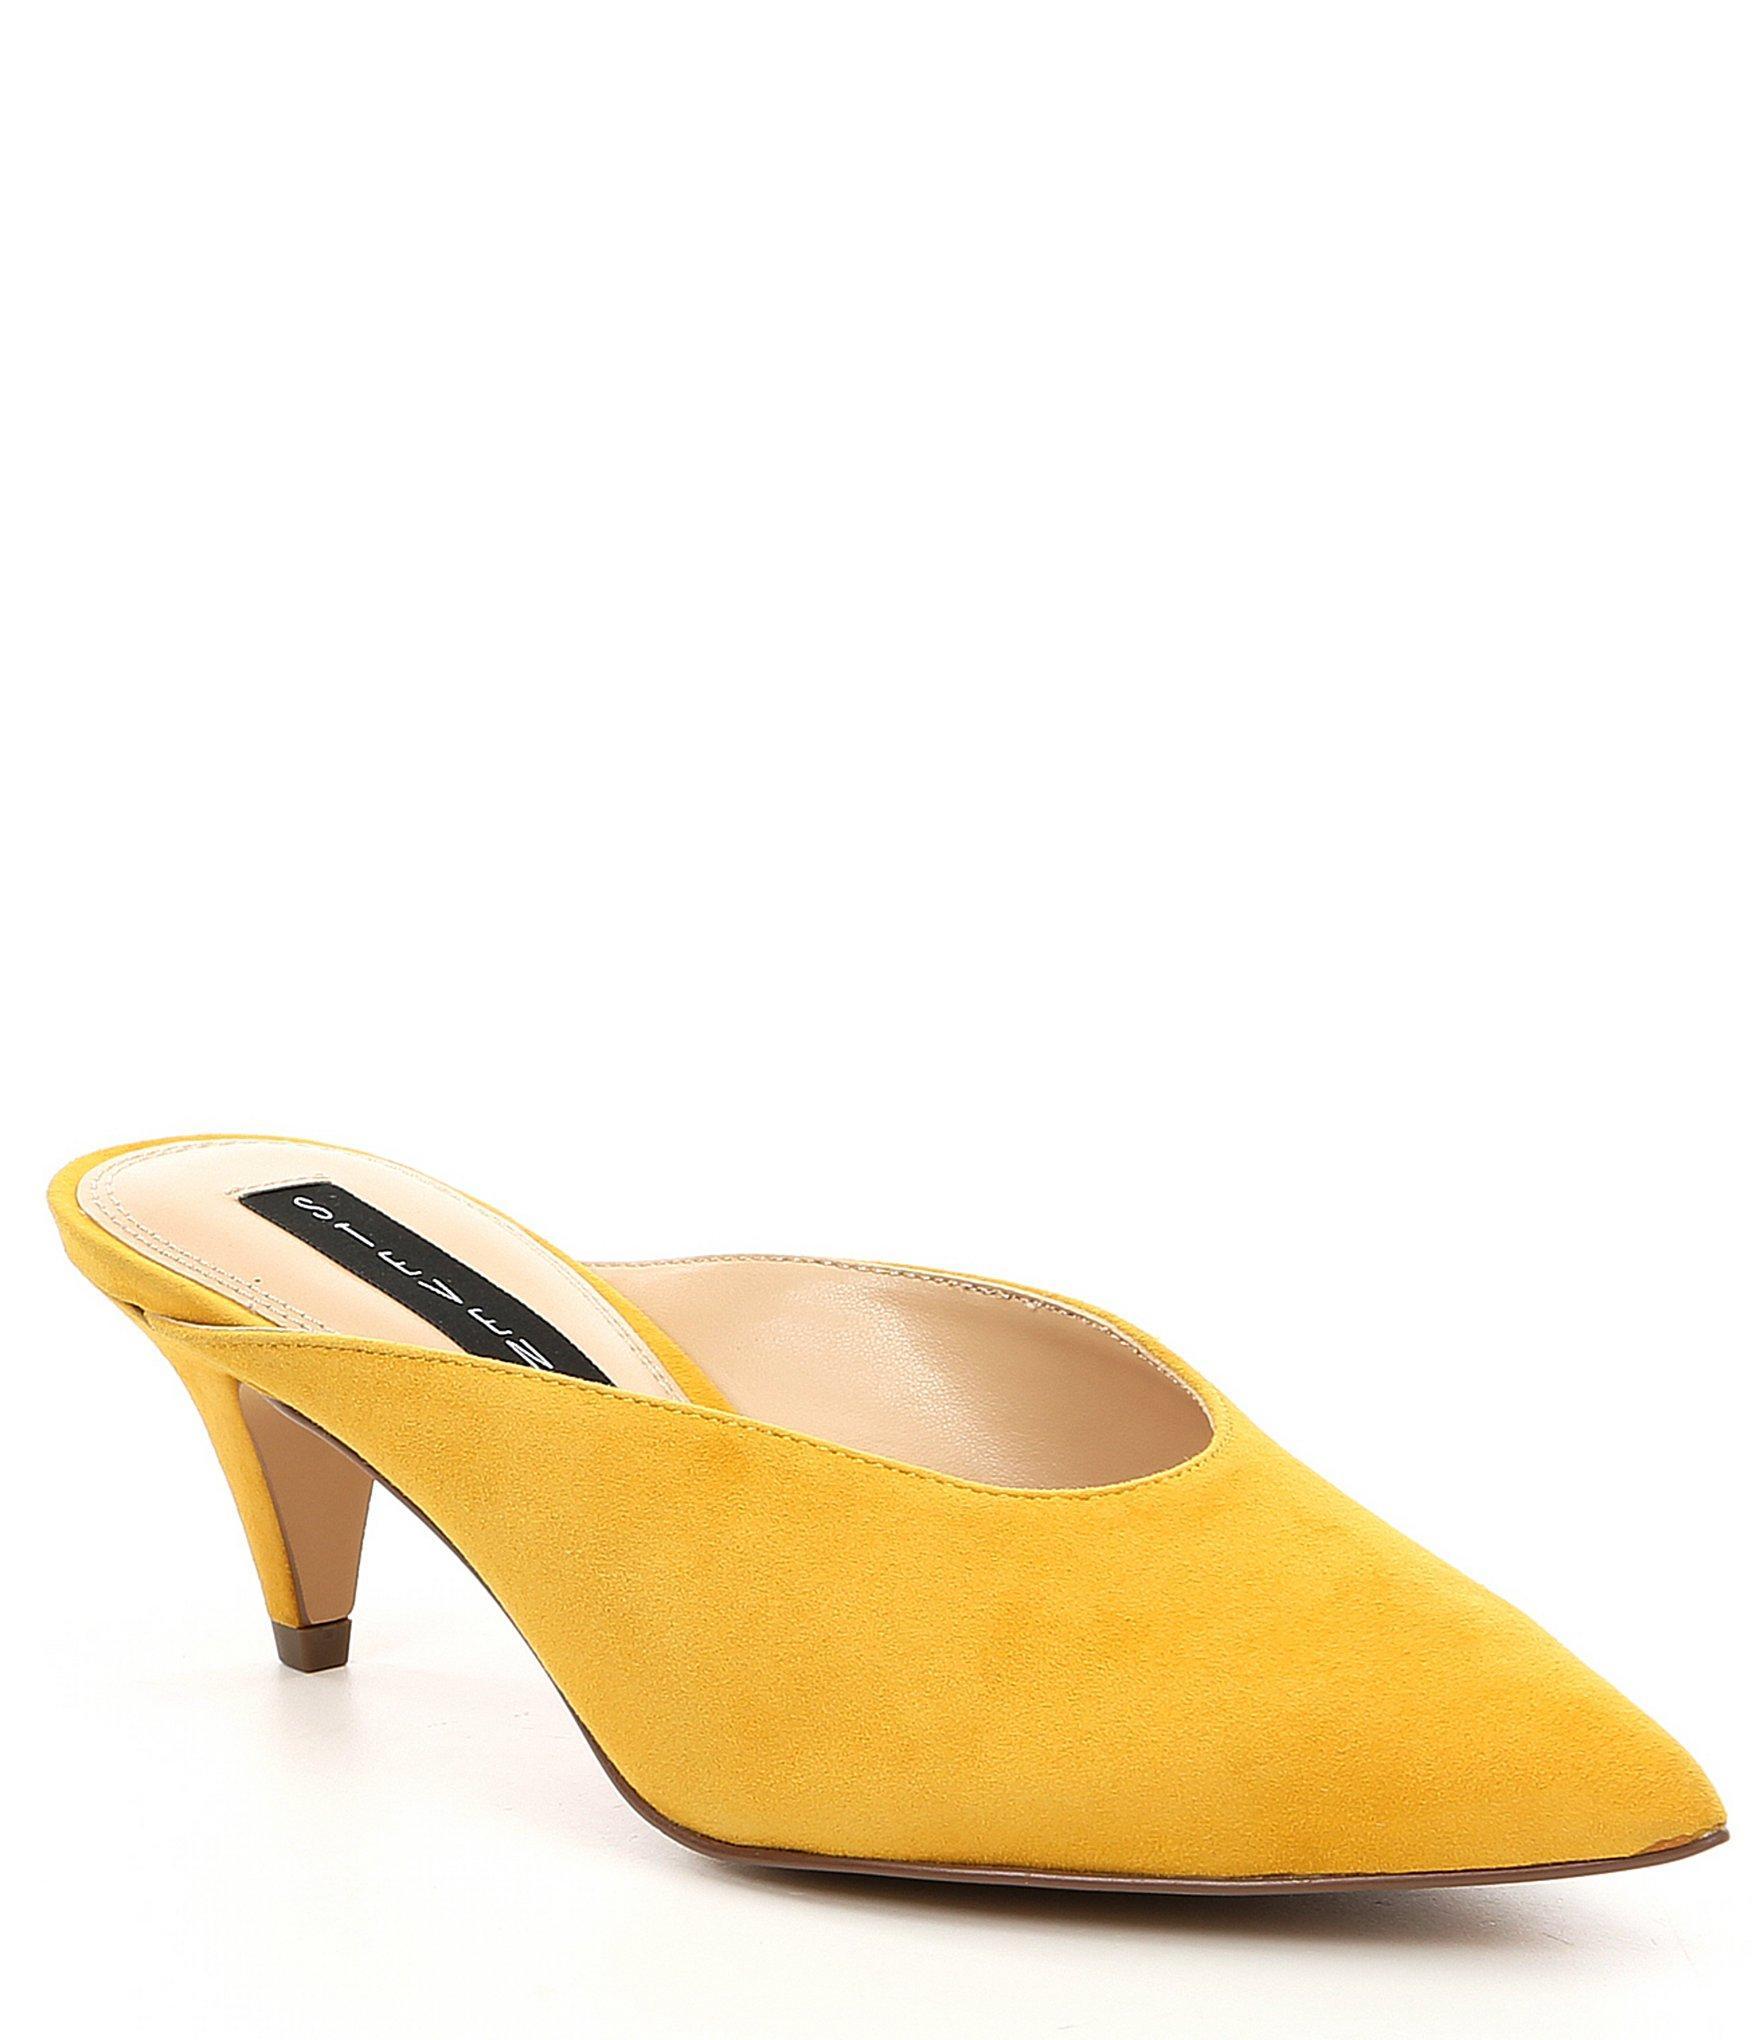 f518c4b864 Steve Madden Steven By Elora Suede Kitten Heel Mules in Yellow - Lyst